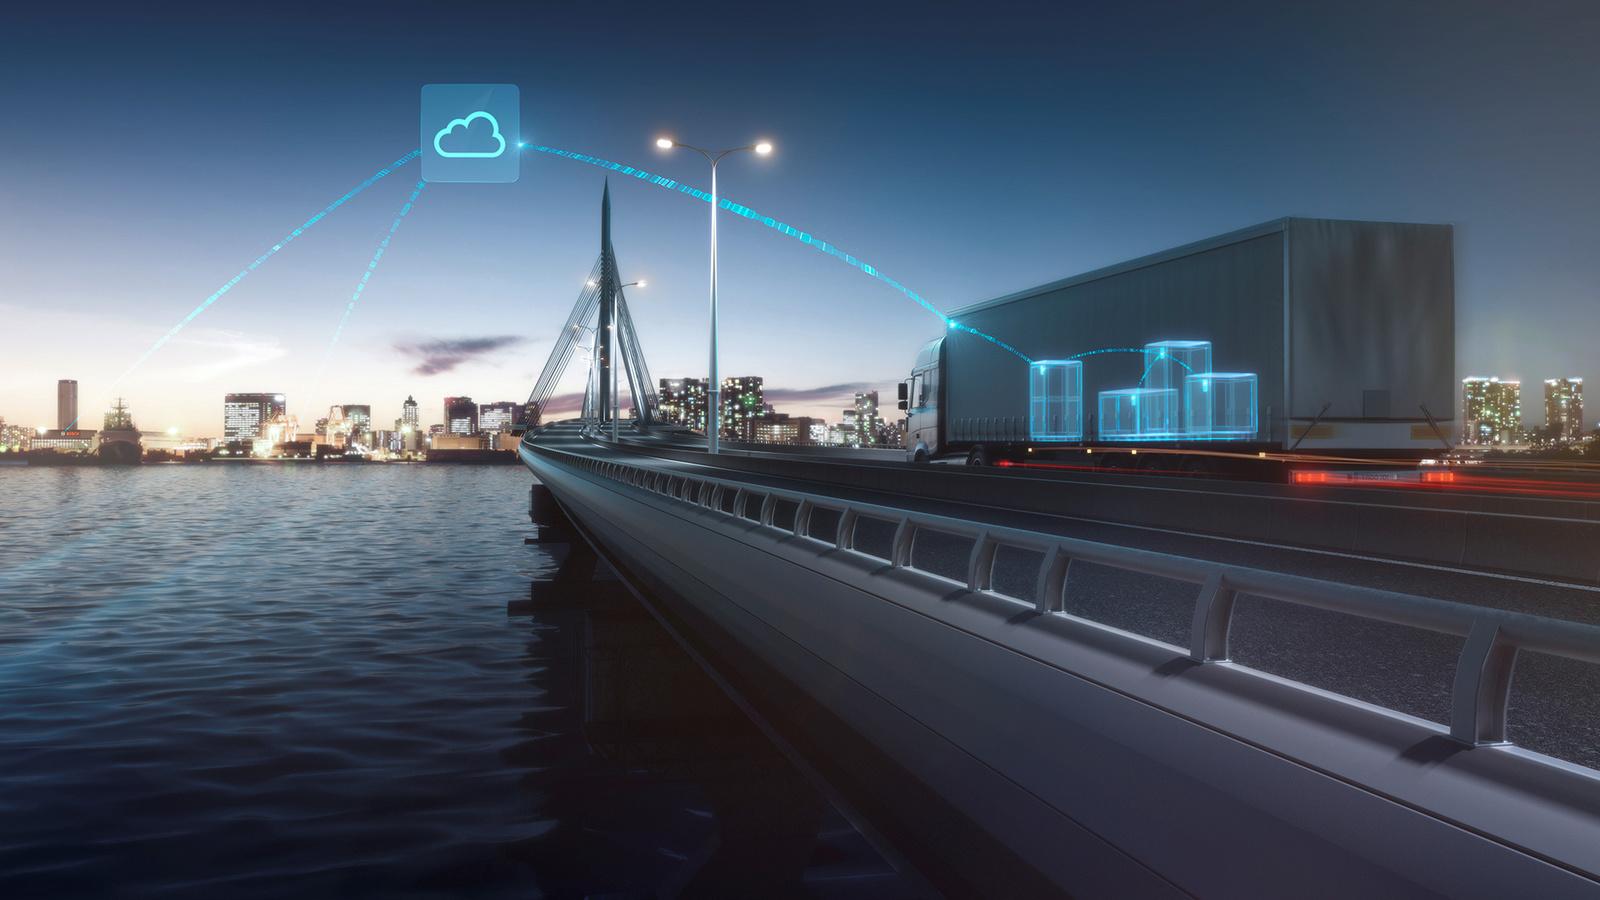 Soluções Bosch para logística 4.0 reduzem custos e otimizam processos